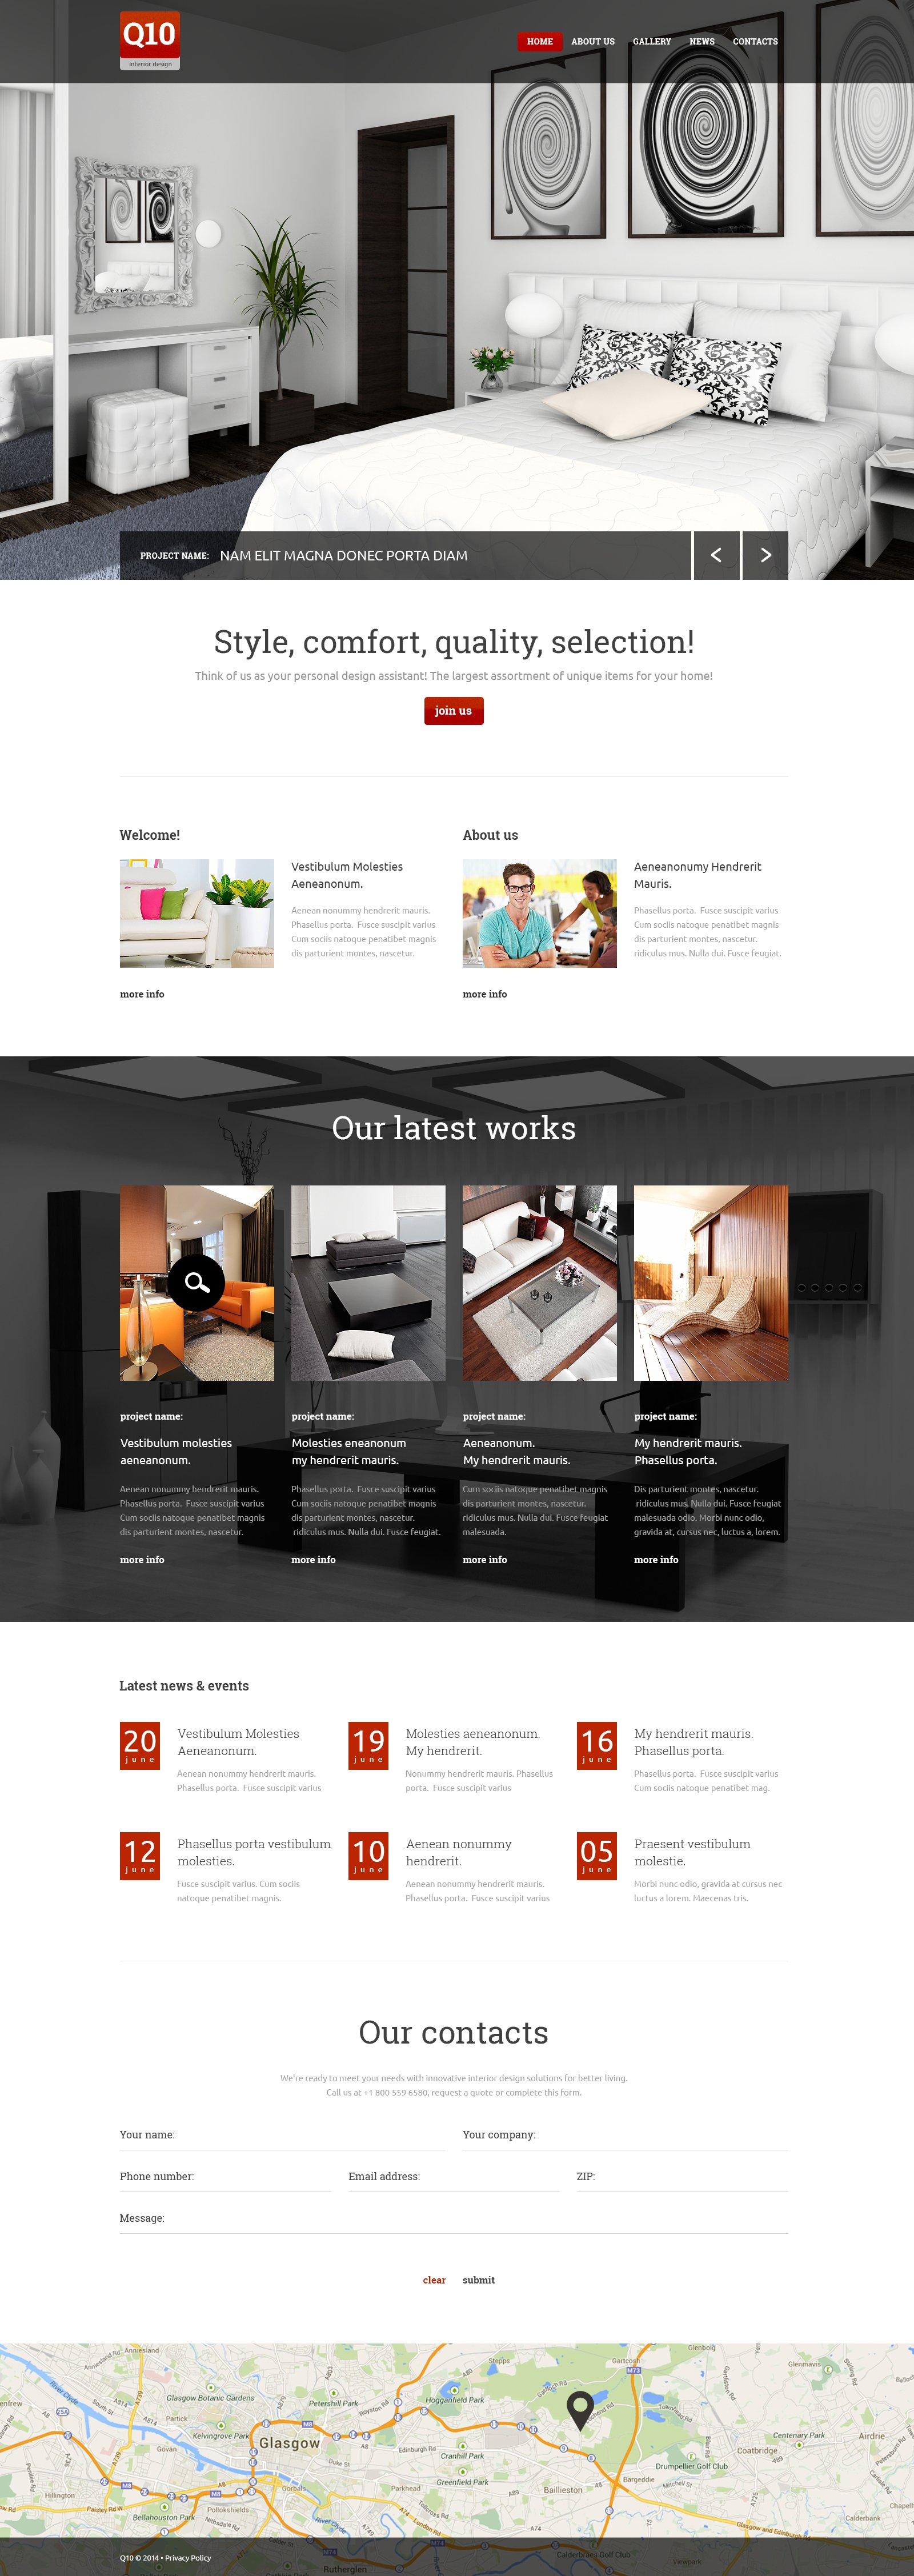 Modèle Web Bootstrap pour site de design intérieur #49532 - screenshot